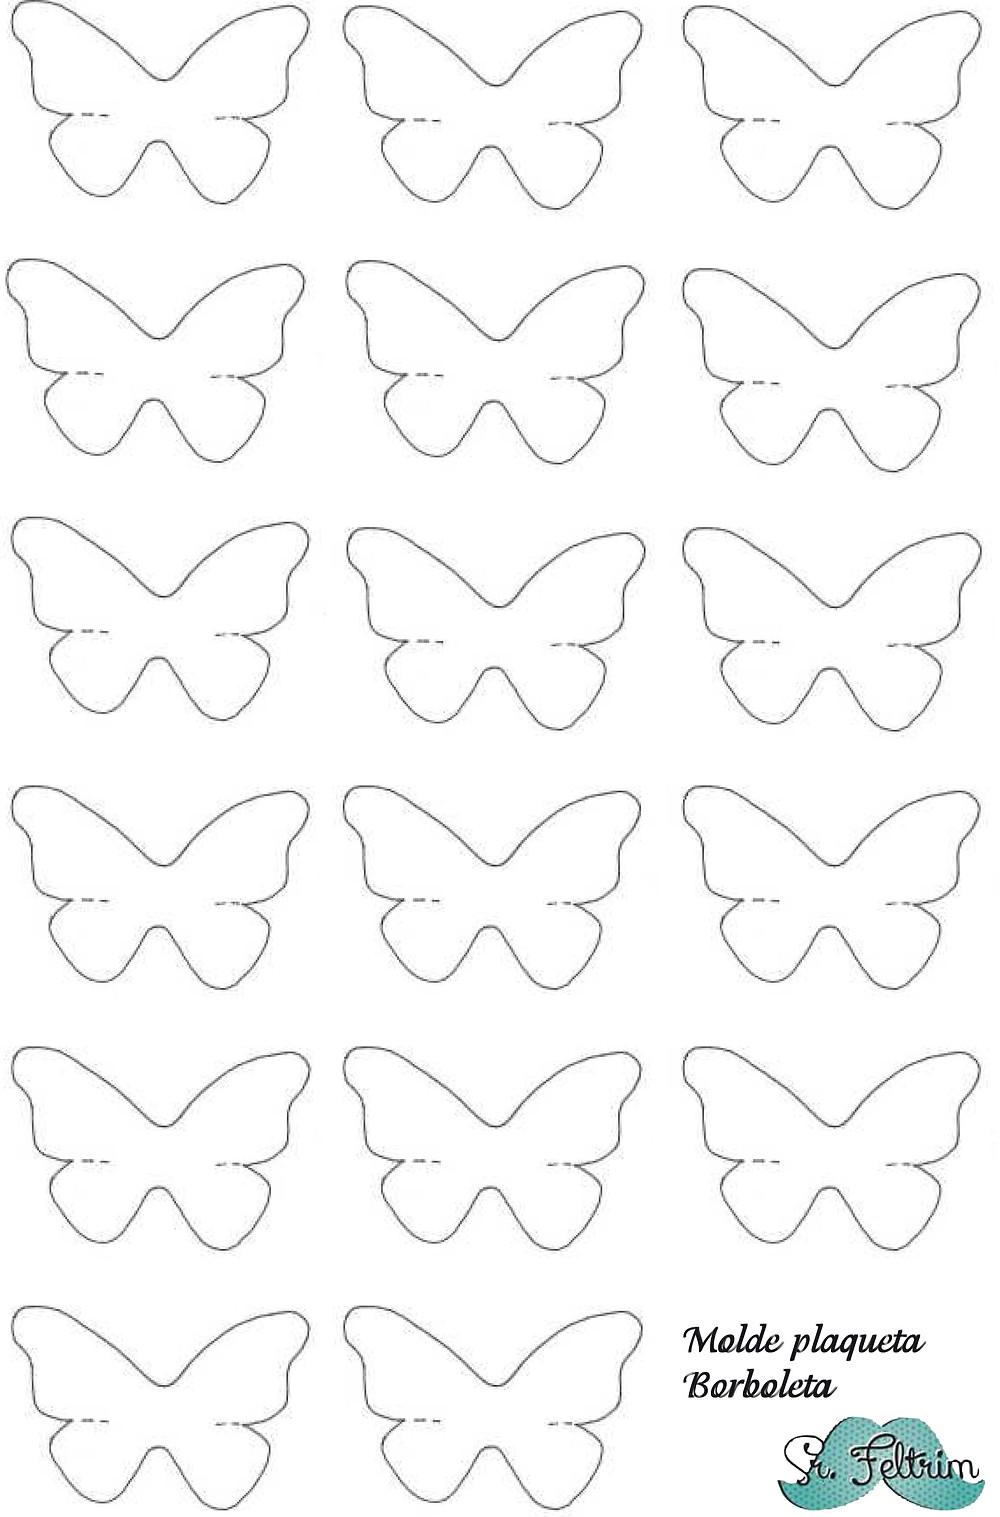 borboleta1.jpg